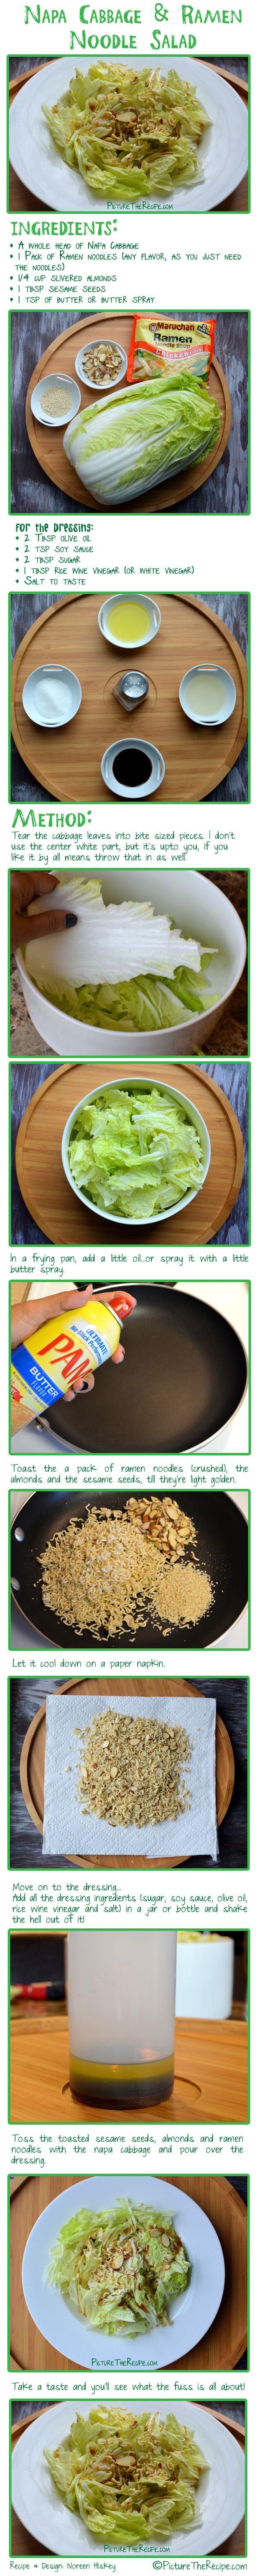 Napa Cabbage and Ramen noodle salad